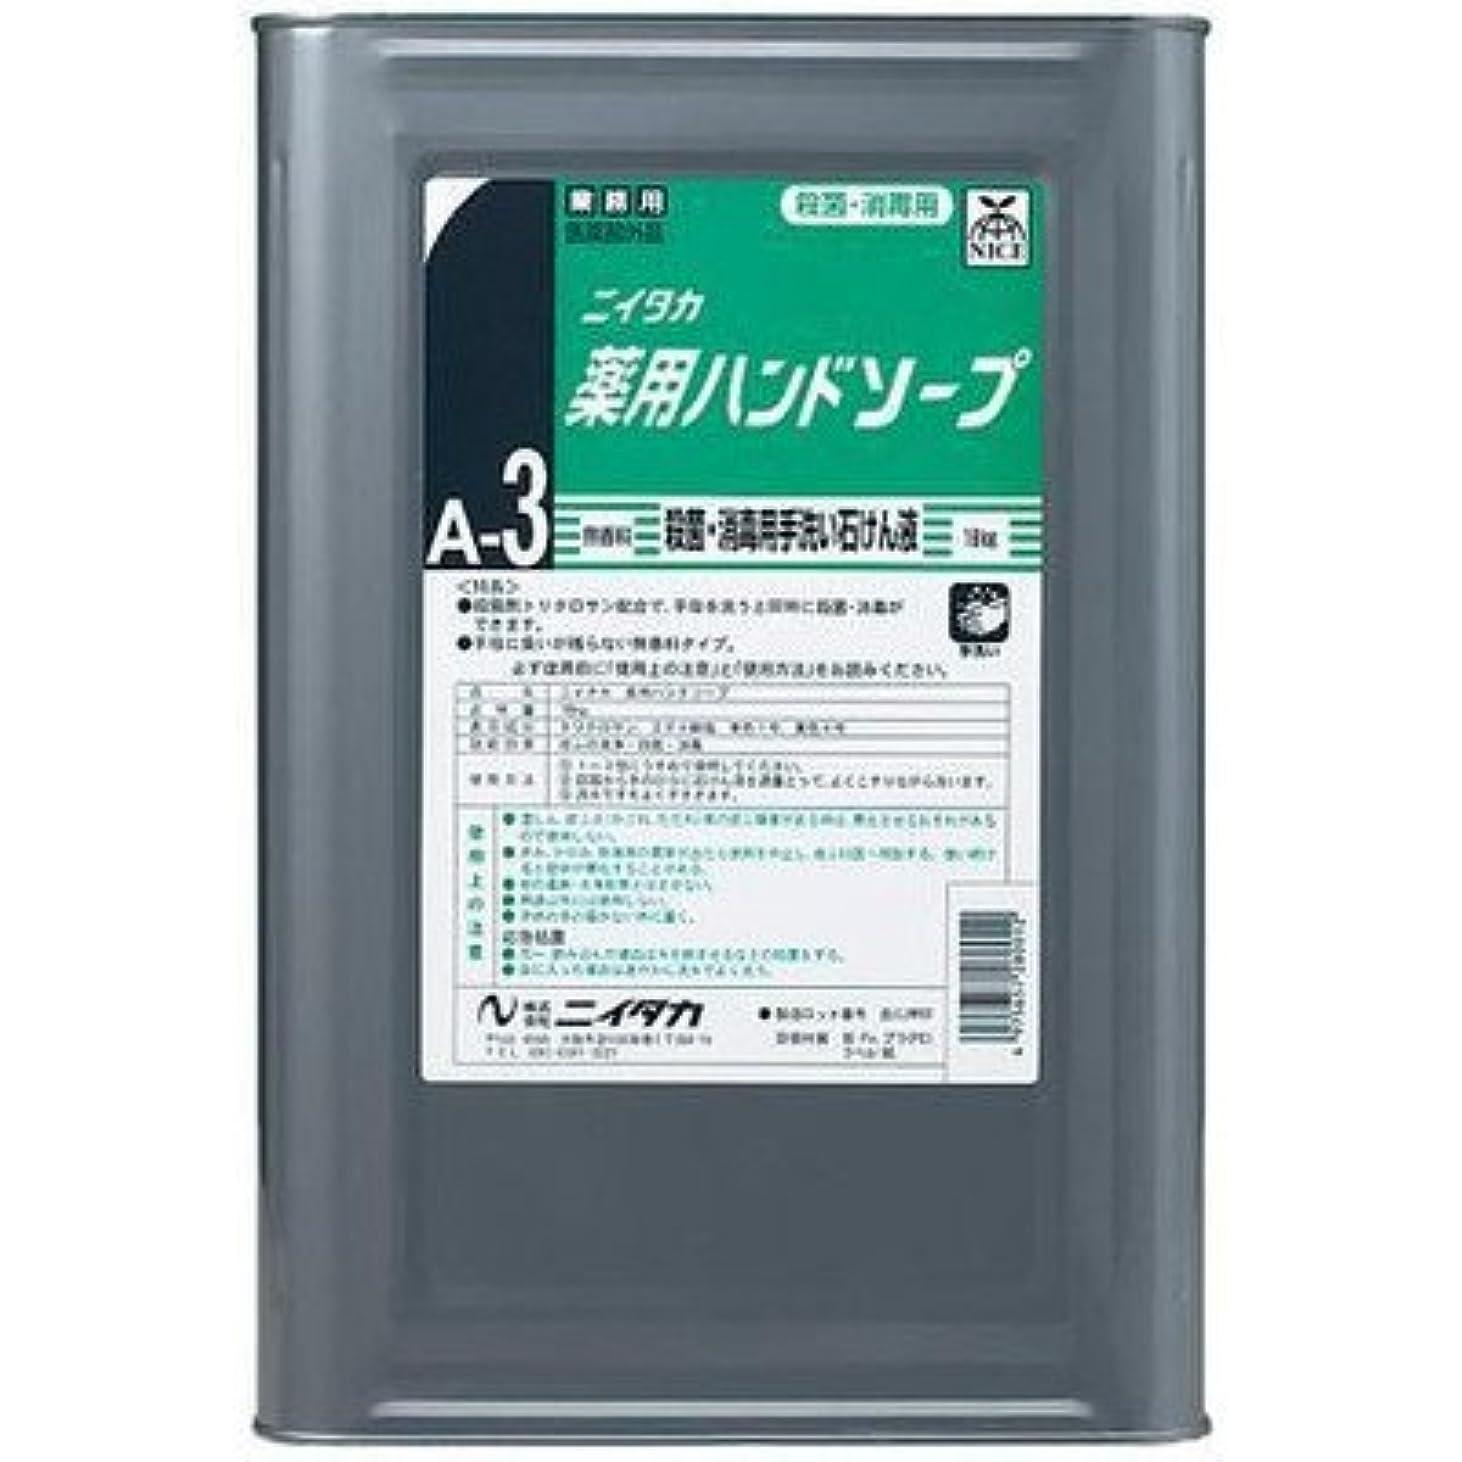 マニフェストキャプション関与するニイタカ 業務用手洗い石けん液 薬用ハンドソープ(A-3) 18kg×1本